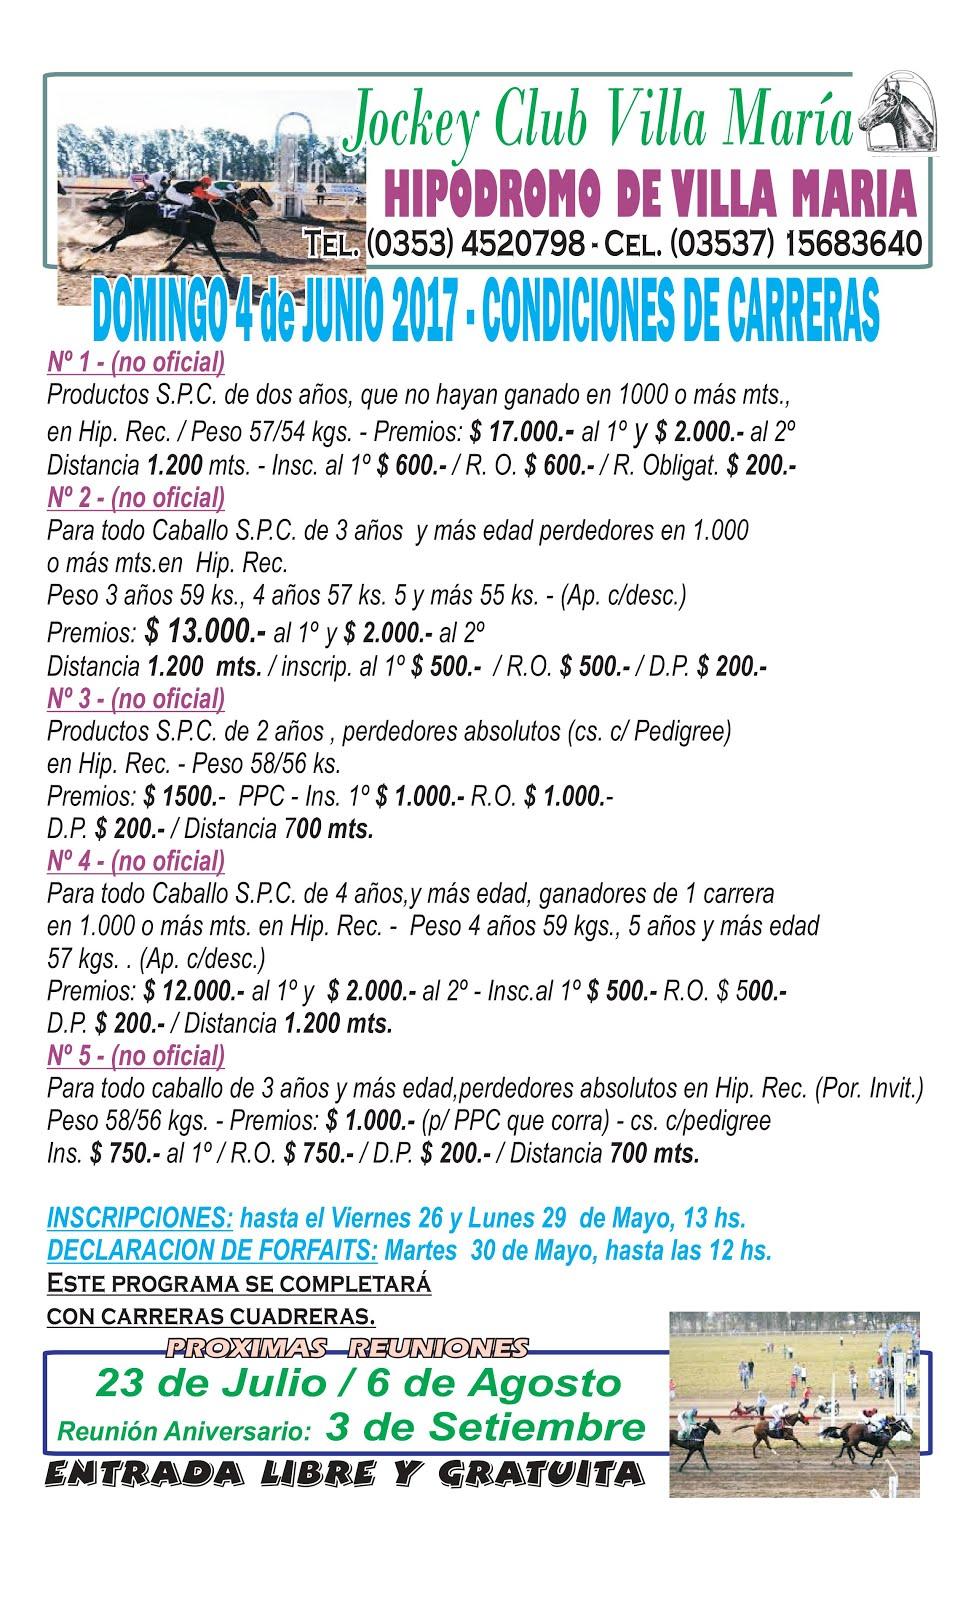 HIP VILLA MARIA CARTA 04 DE JUNIO